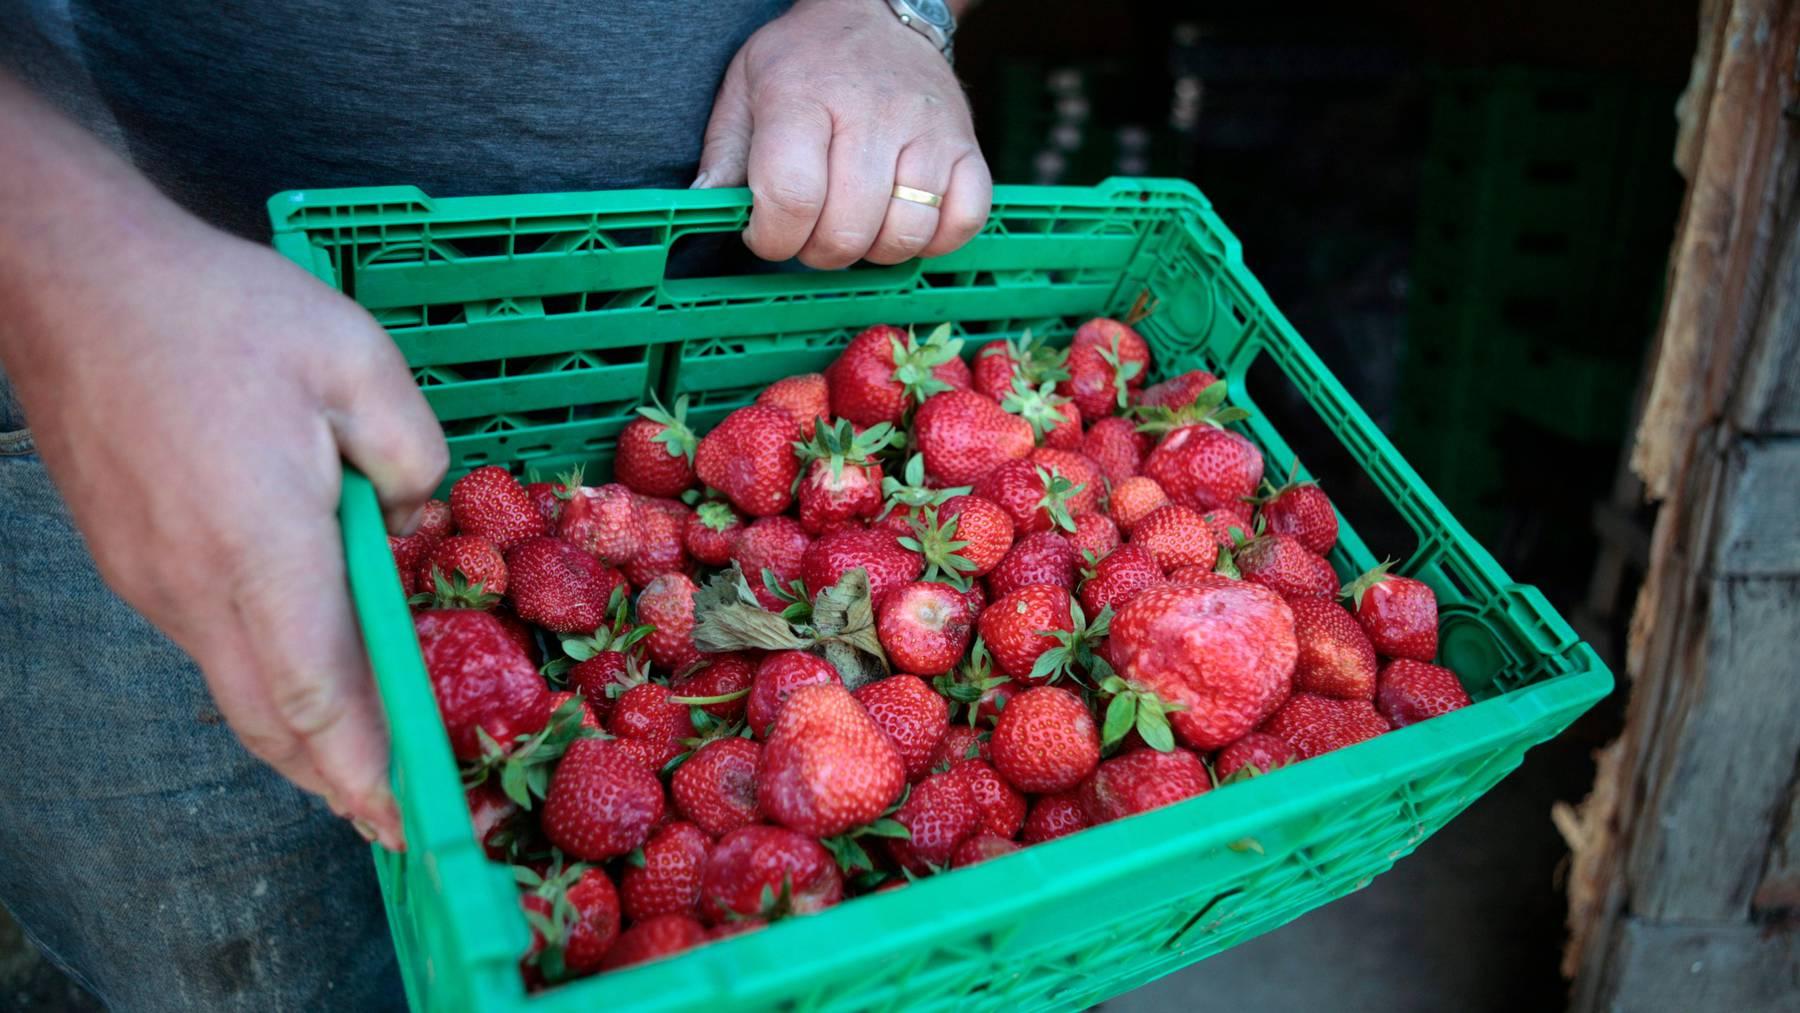 Die Nachfrage nach Schweizer Erdbeeren war in diesem Jahr sehr hoch. Viele pflückten die Früchte gleich selbst. (Symbolbild)